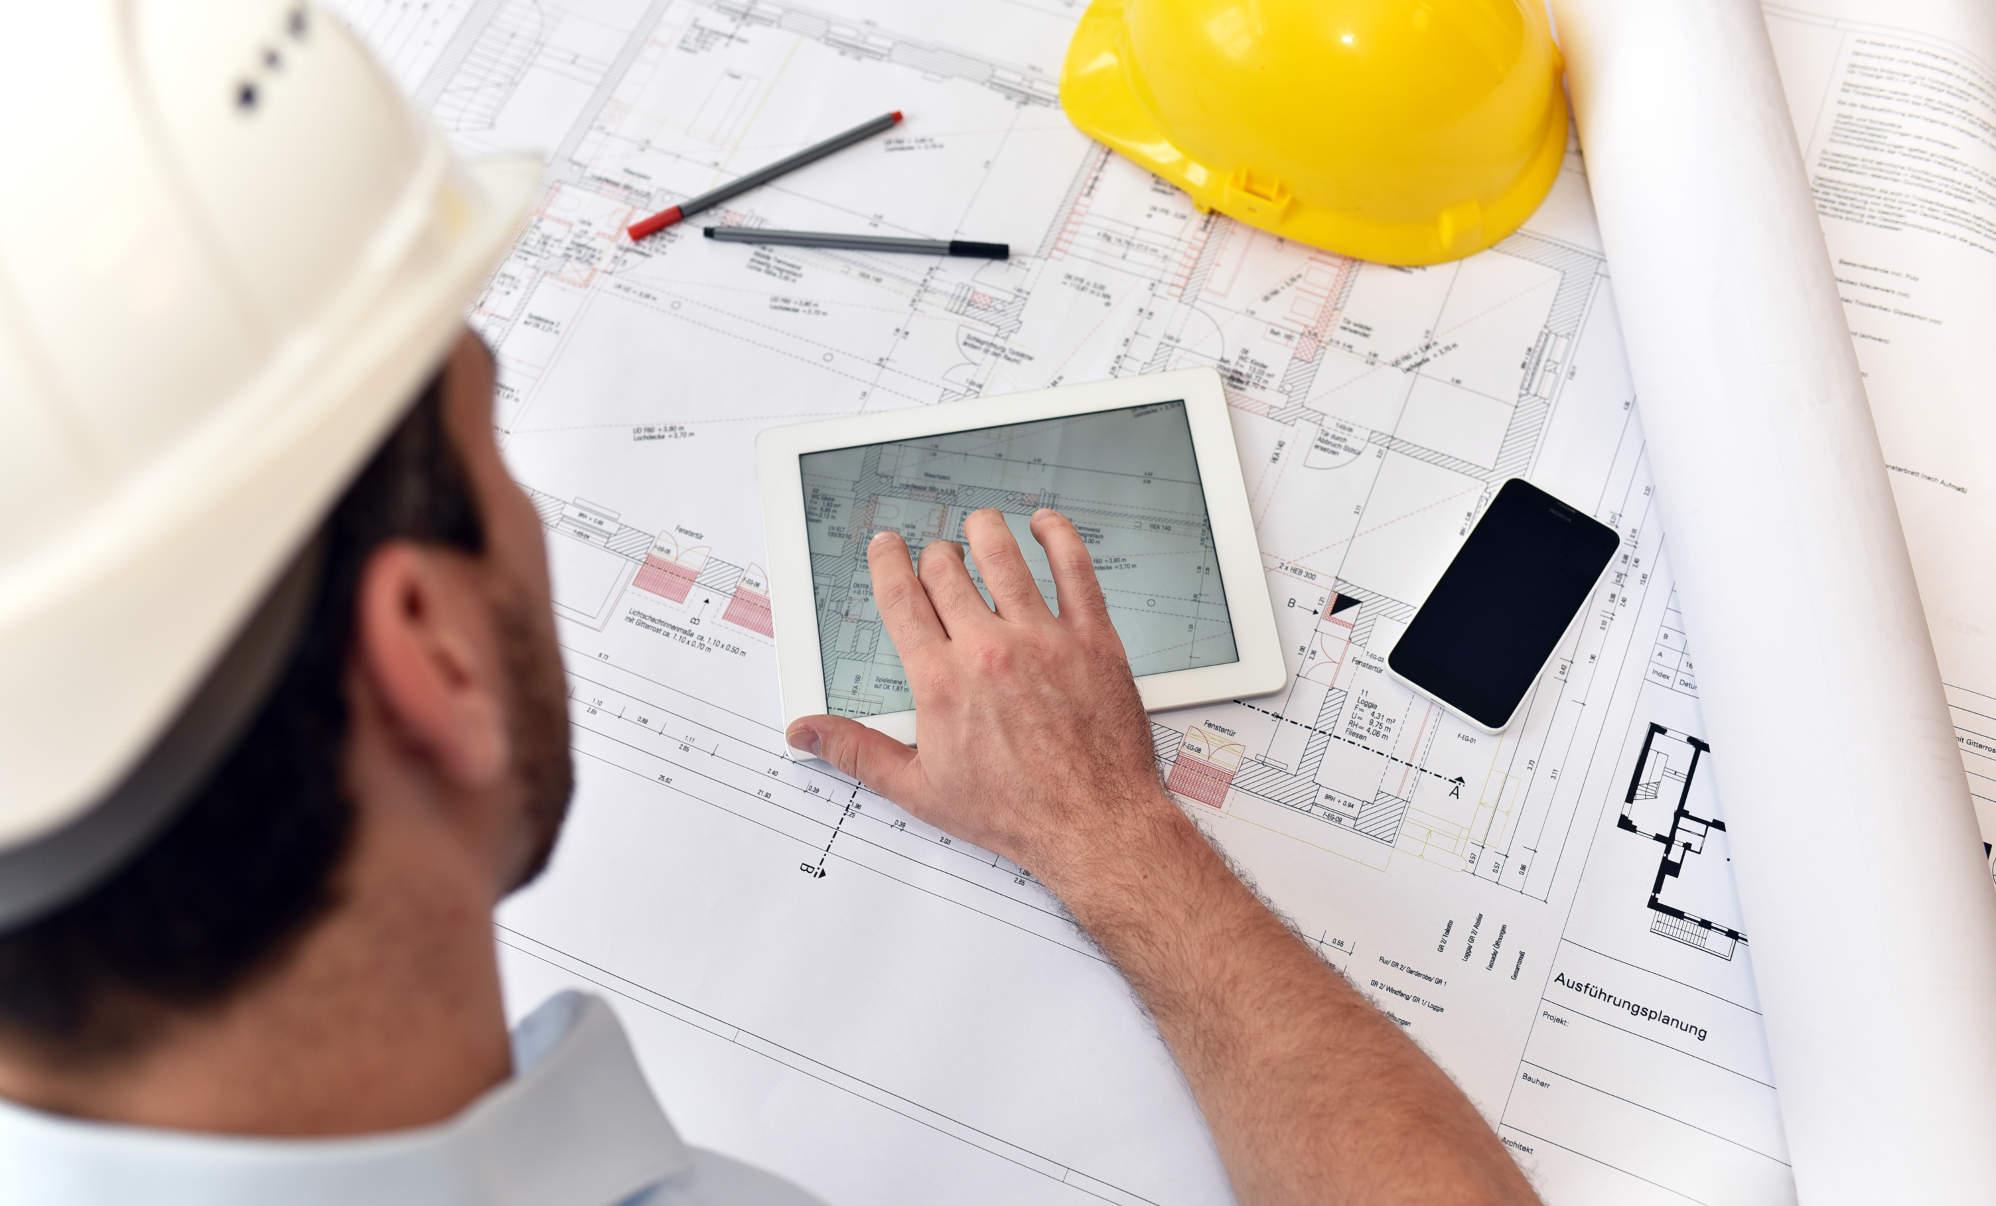 Estudios de arquitectura en sevilla reformas para el - Estudios de arquitectura en madrid ...